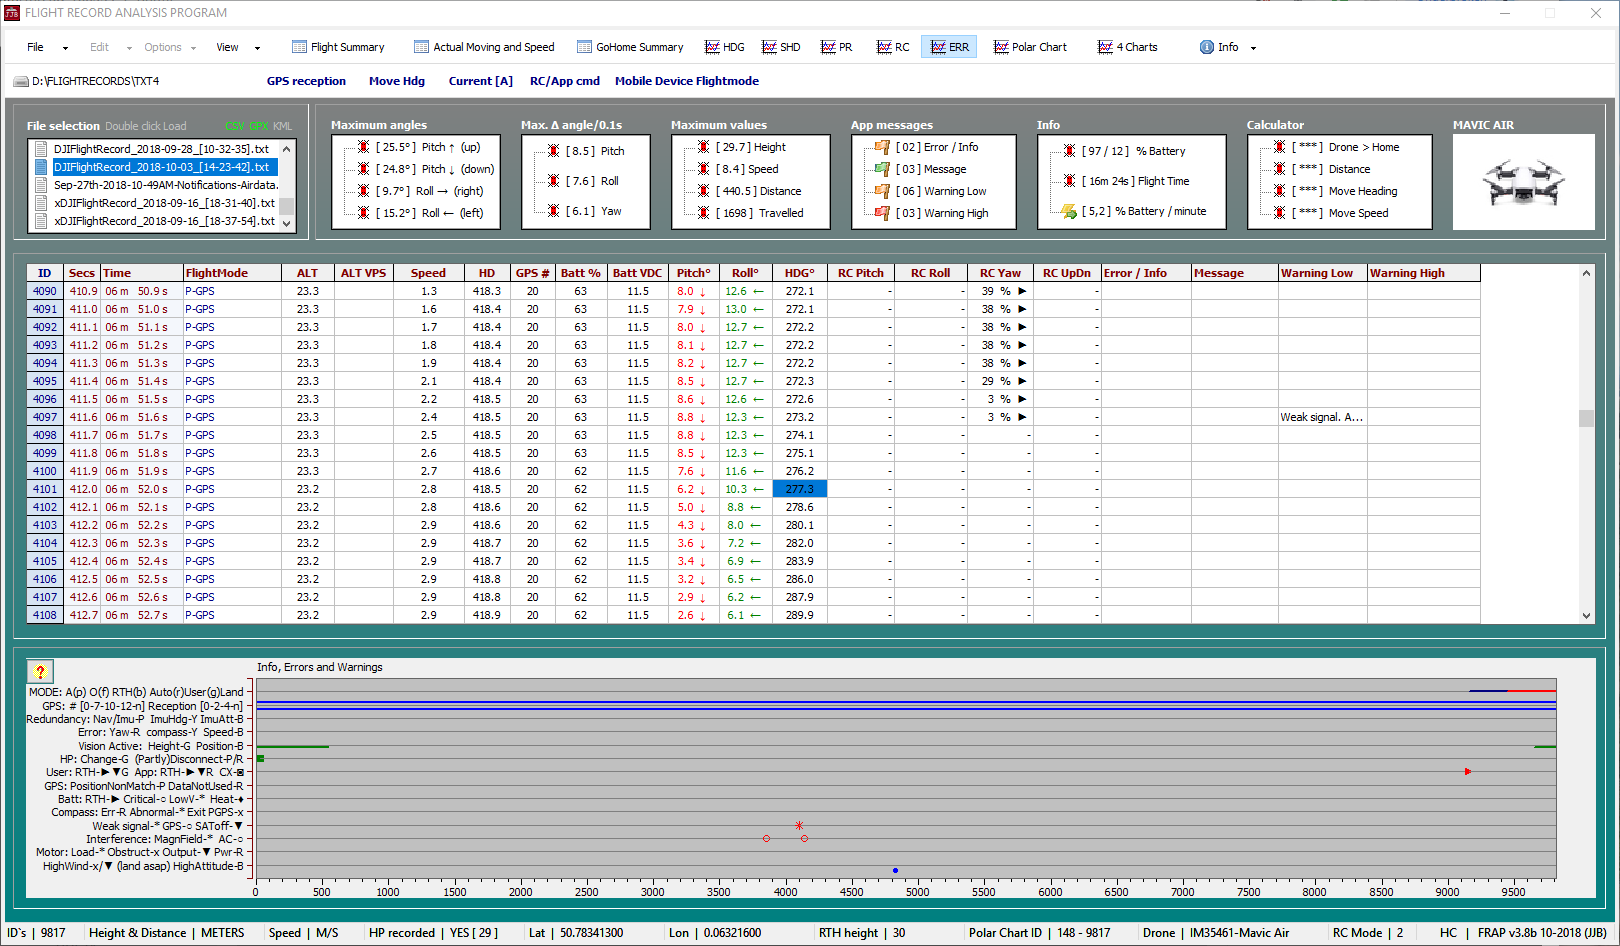 analysis3.png